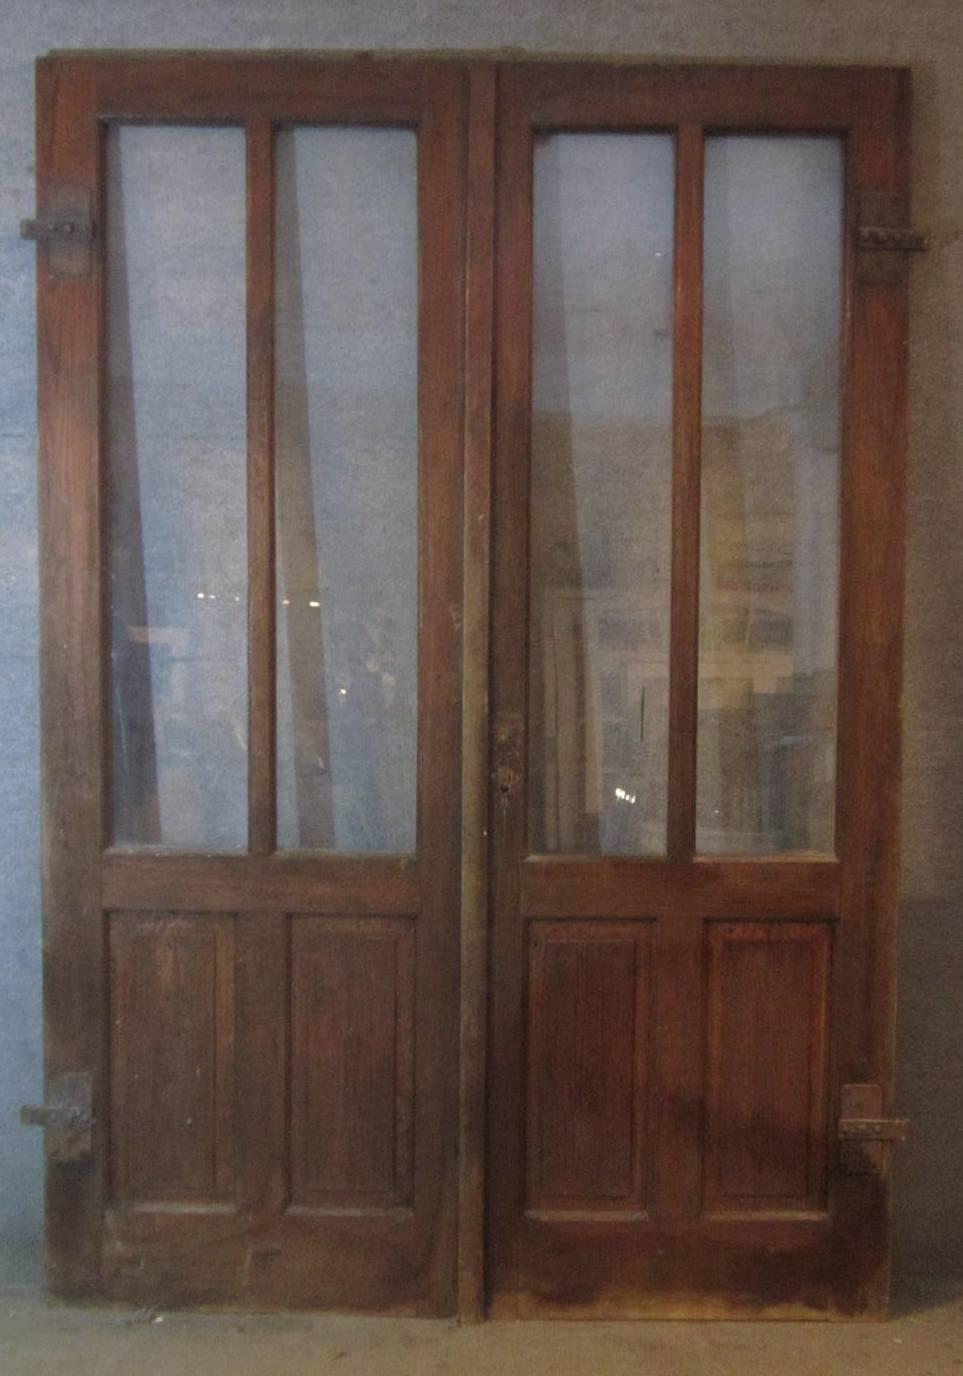 doppelflügelige Haustür mit Klobenbeschlag